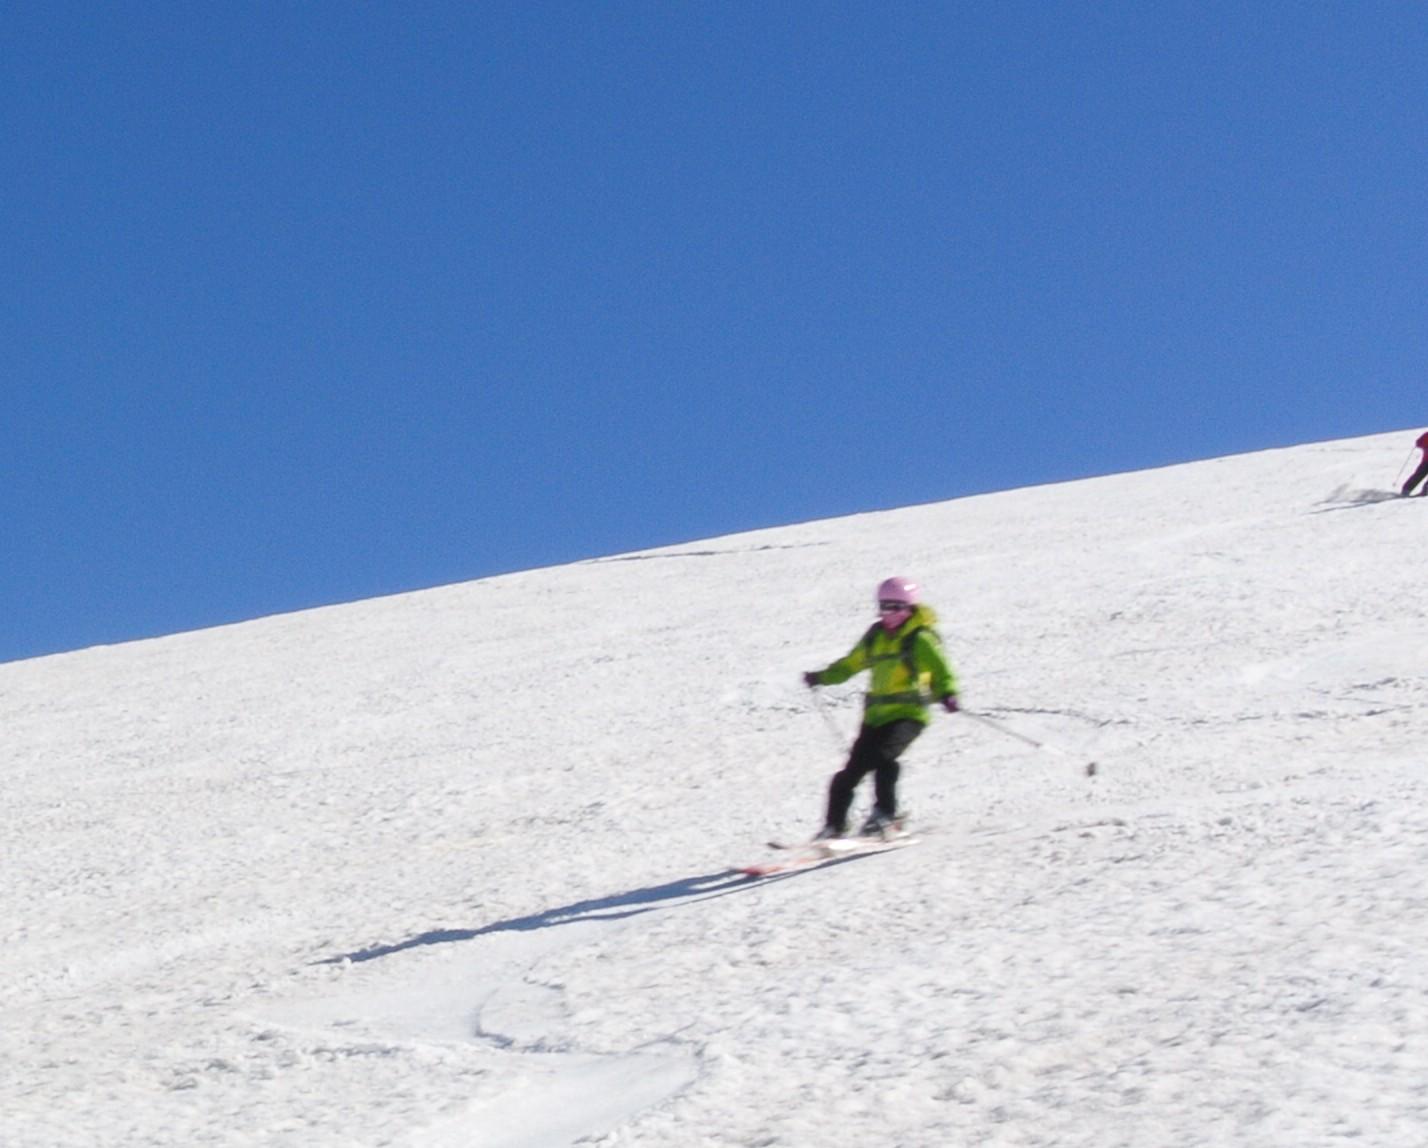 2013年5月31日残雪豊富な鳥海山祓川口コースで春スキーを楽しむ_c0242406_14305813.jpg